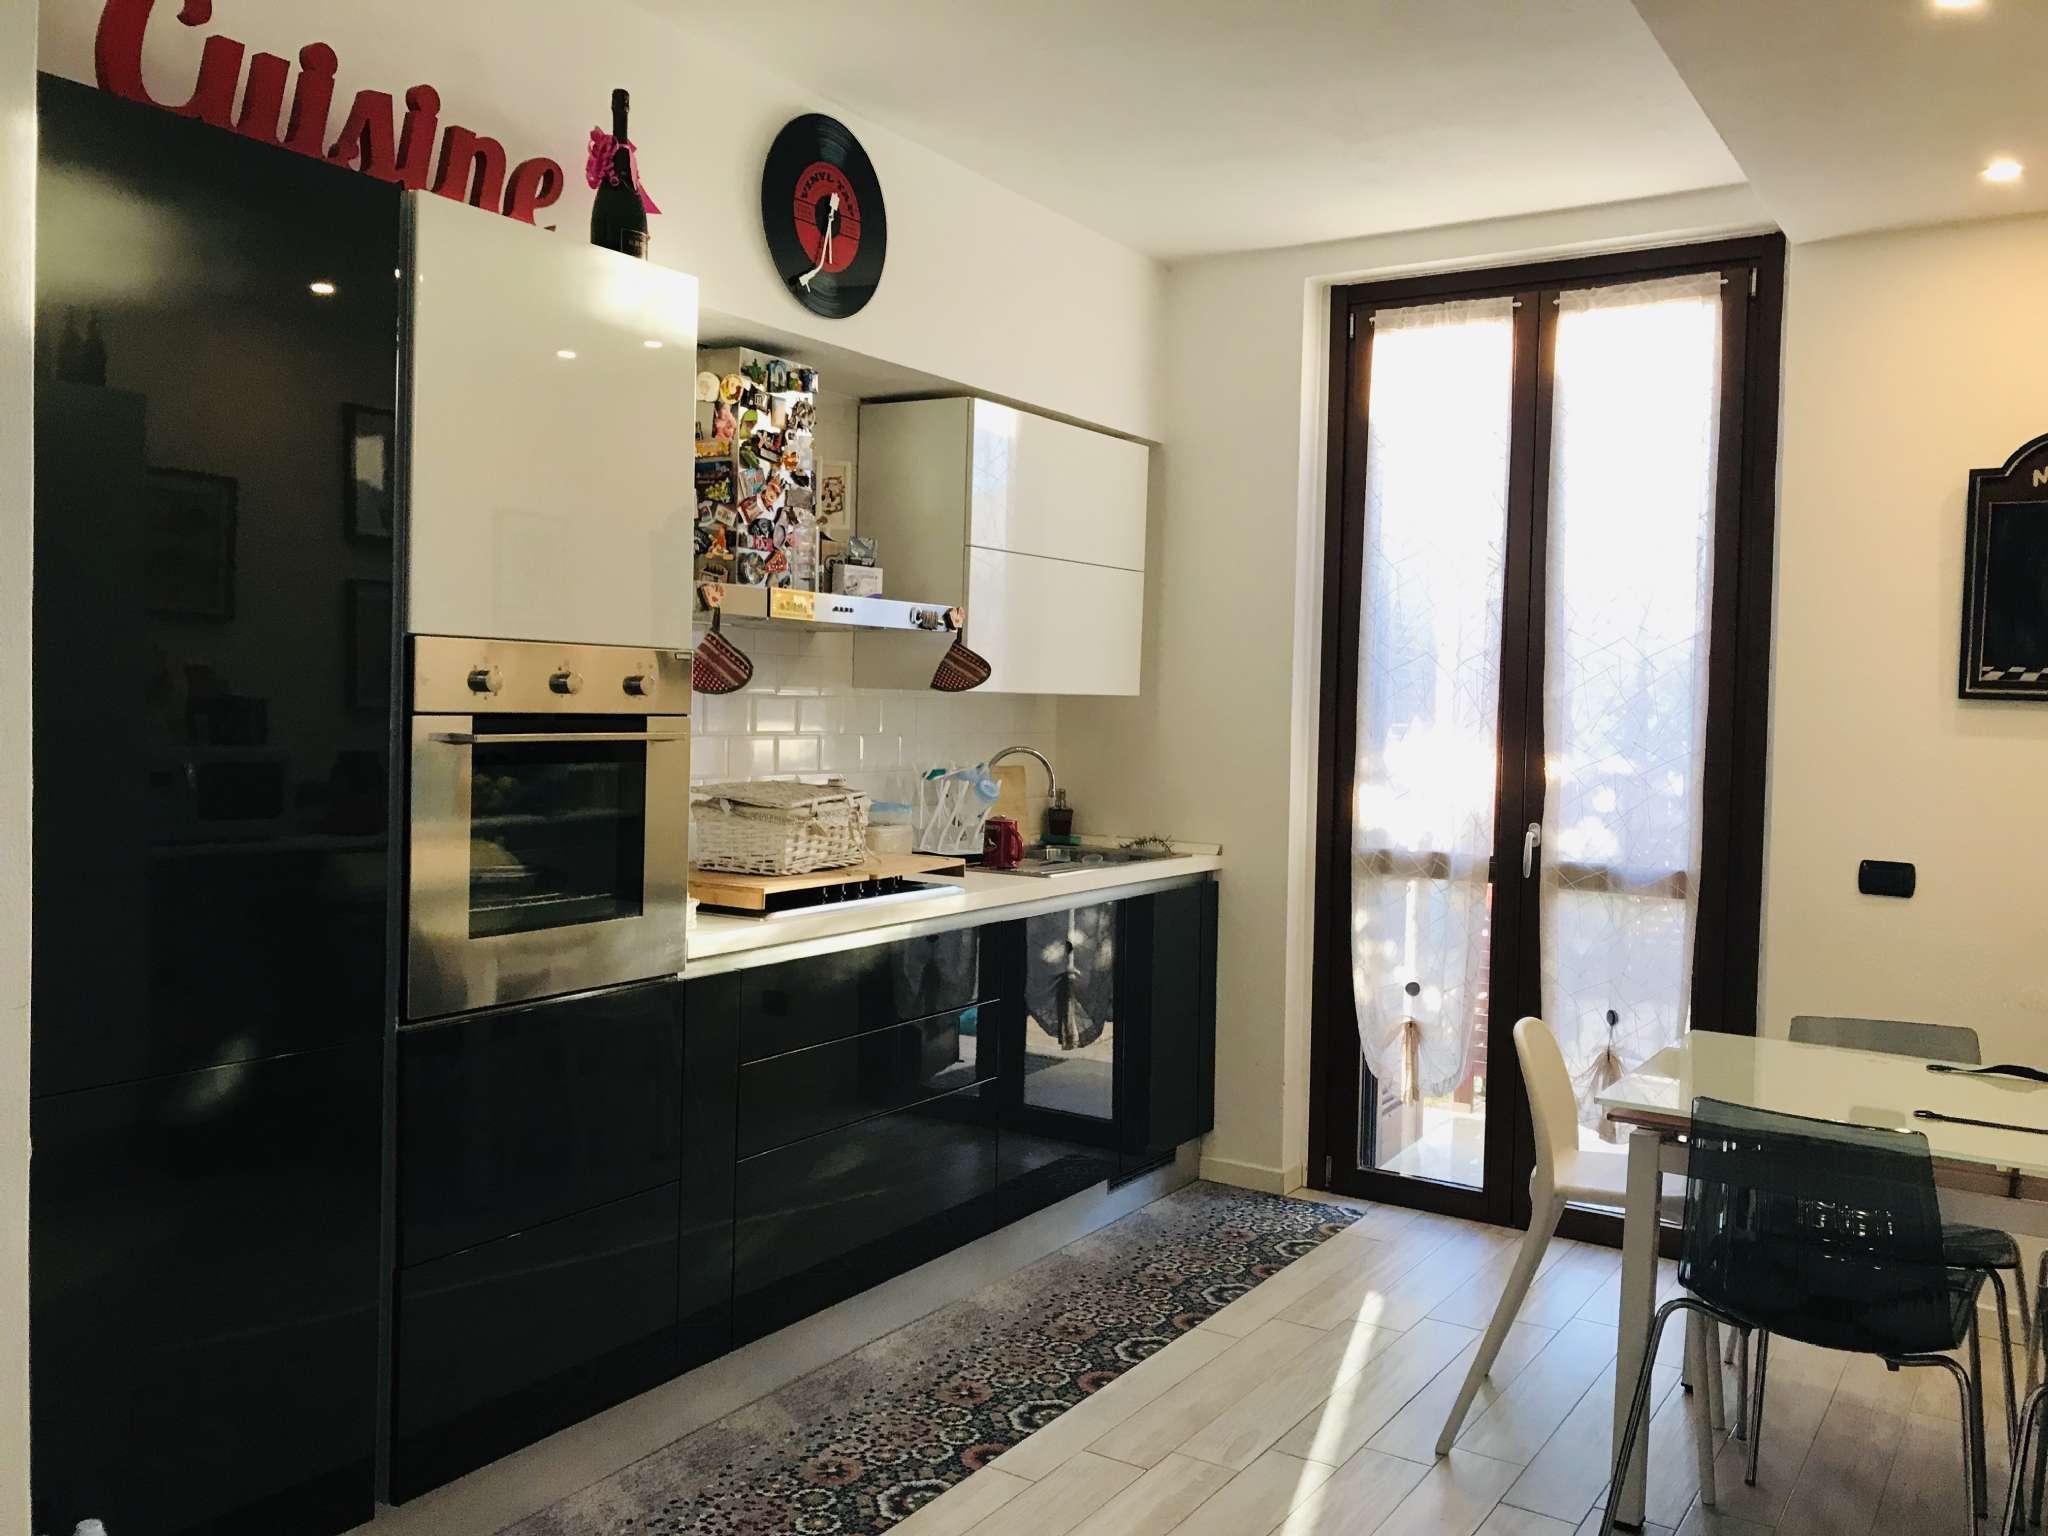 Appartamento in vendita a Pogliano Milanese, 3 locali, prezzo € 210.000   PortaleAgenzieImmobiliari.it